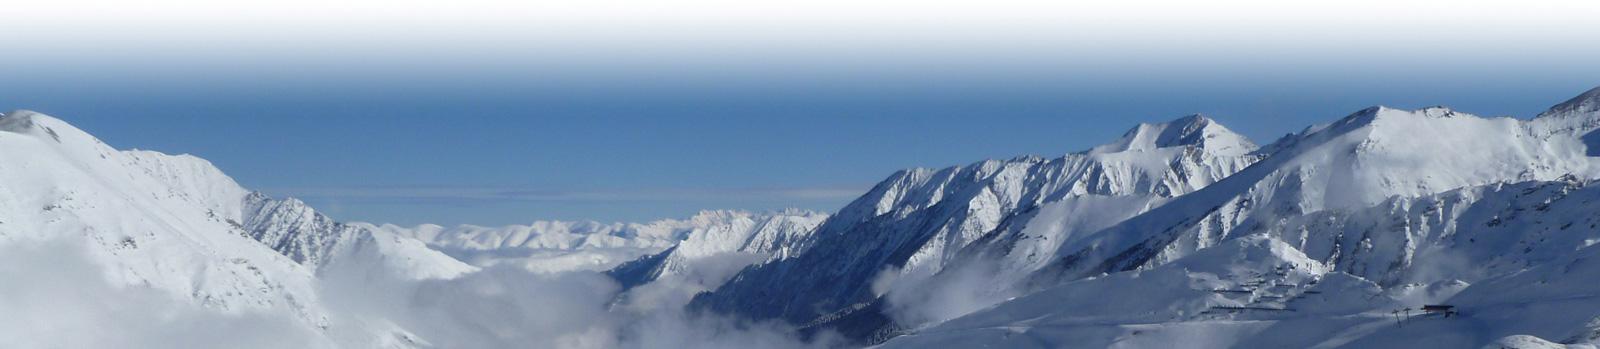 ski-snowboard4